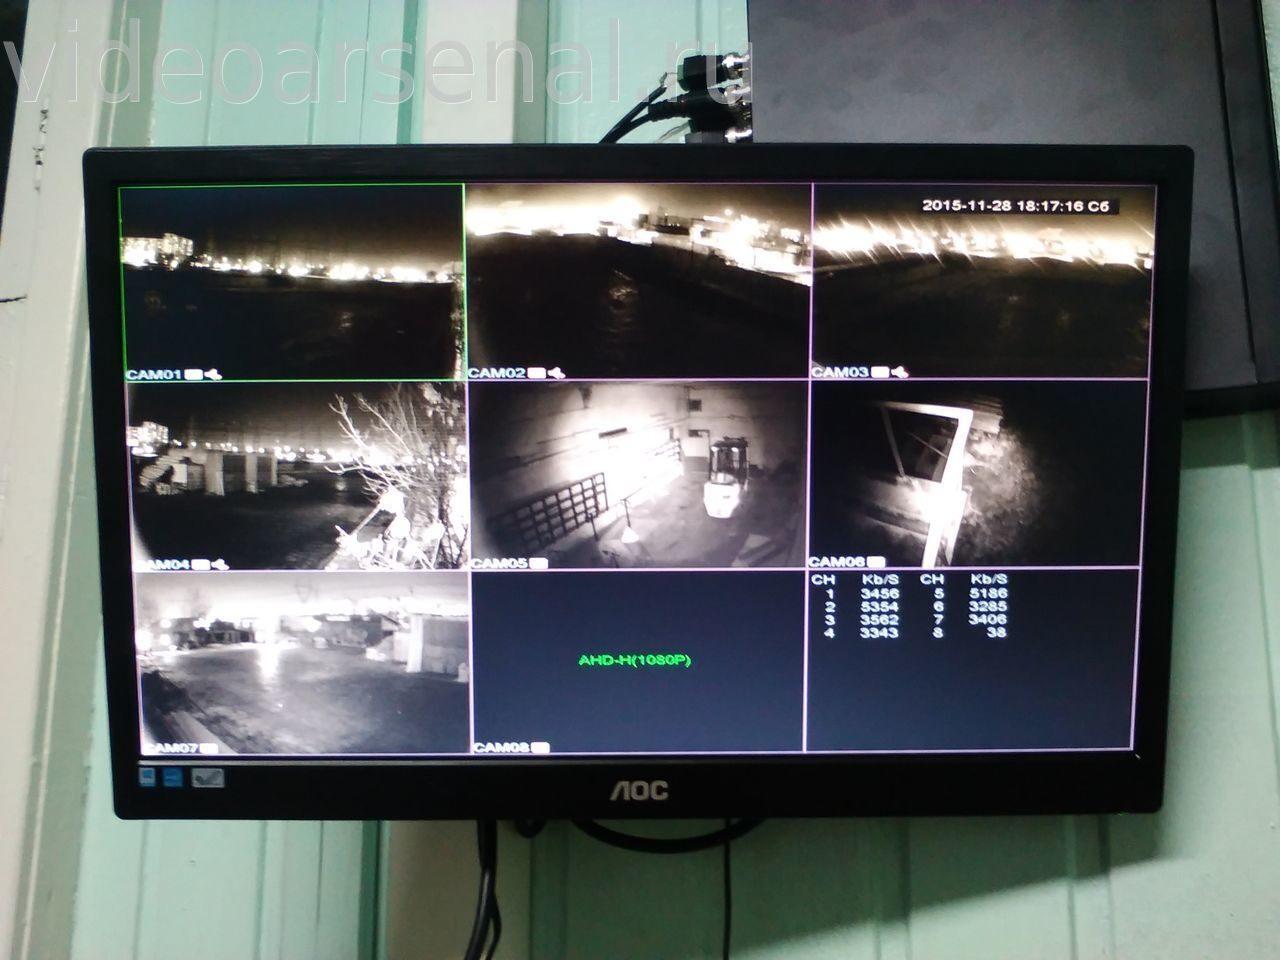 постоянно перезагружается монитор камер видеонаблюдения